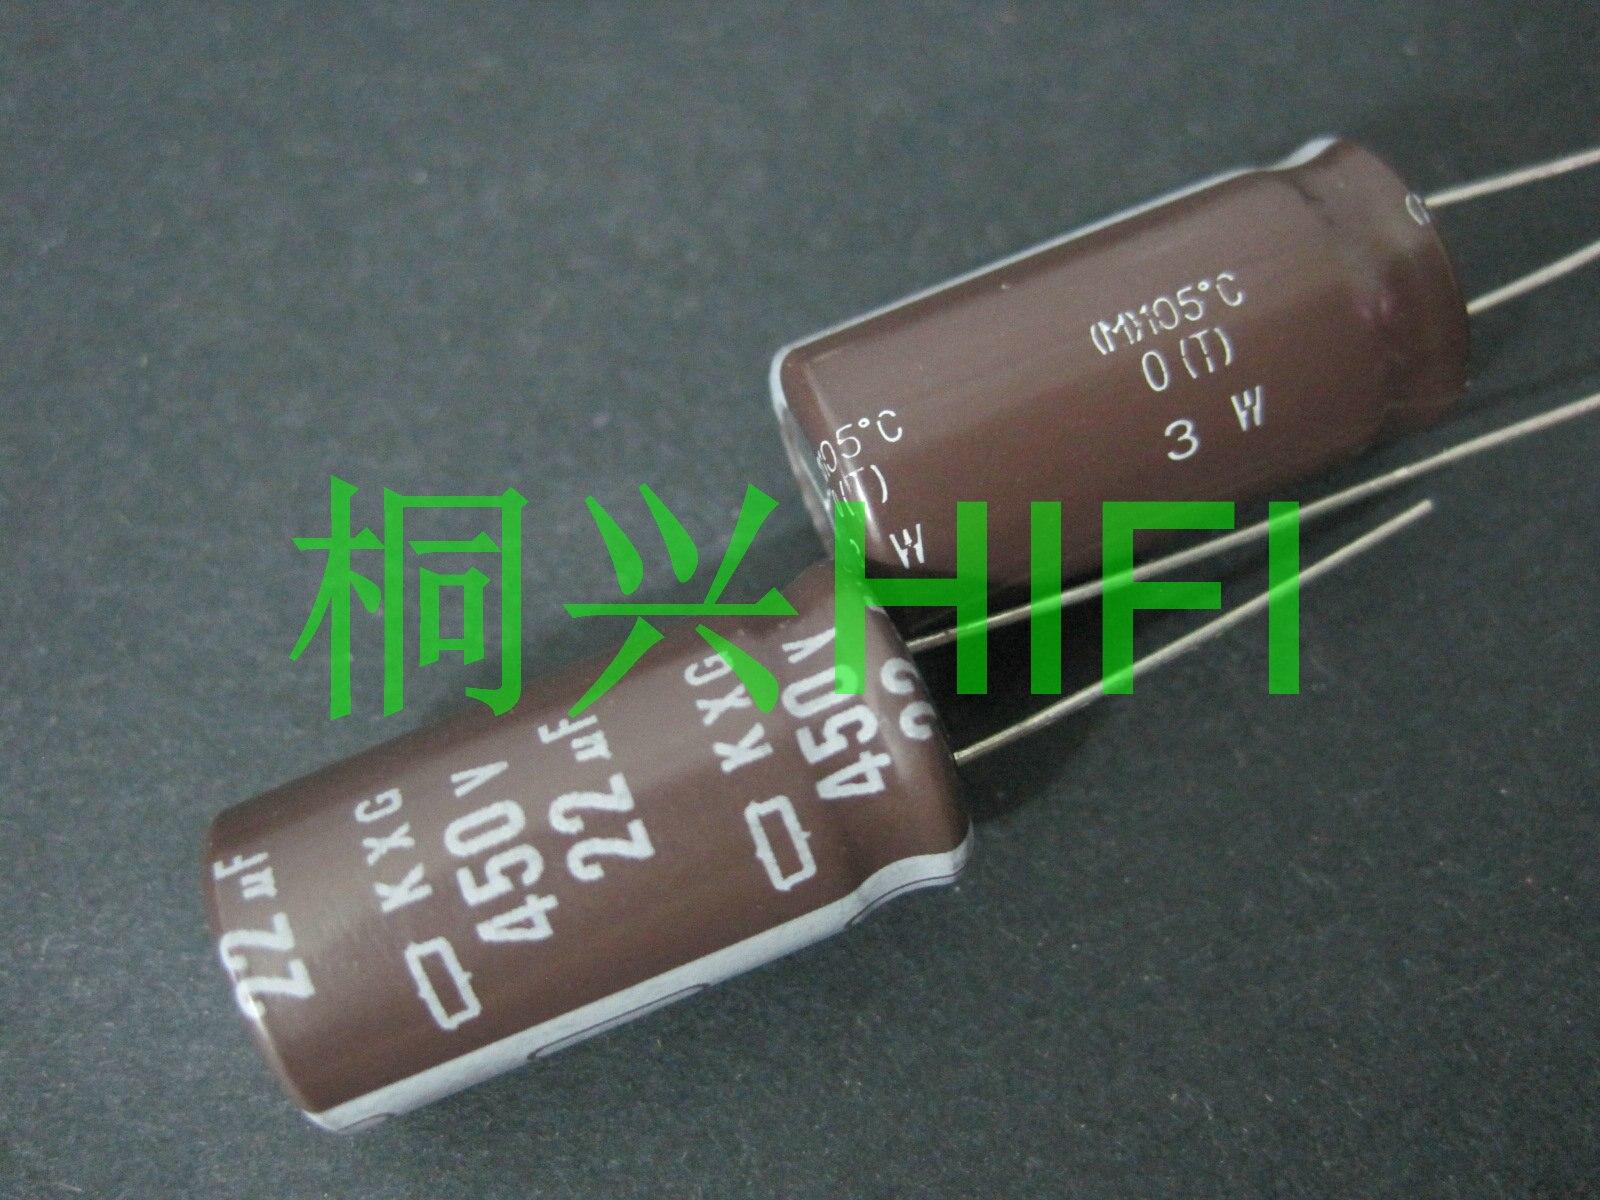 Pcs NEW NIPPON KXG 10 450V22UF 12.5x25MM NCC 450v 22uf Capacitor eletrolítico UF 450V CHEMI-CON 22 22 uf/450 v